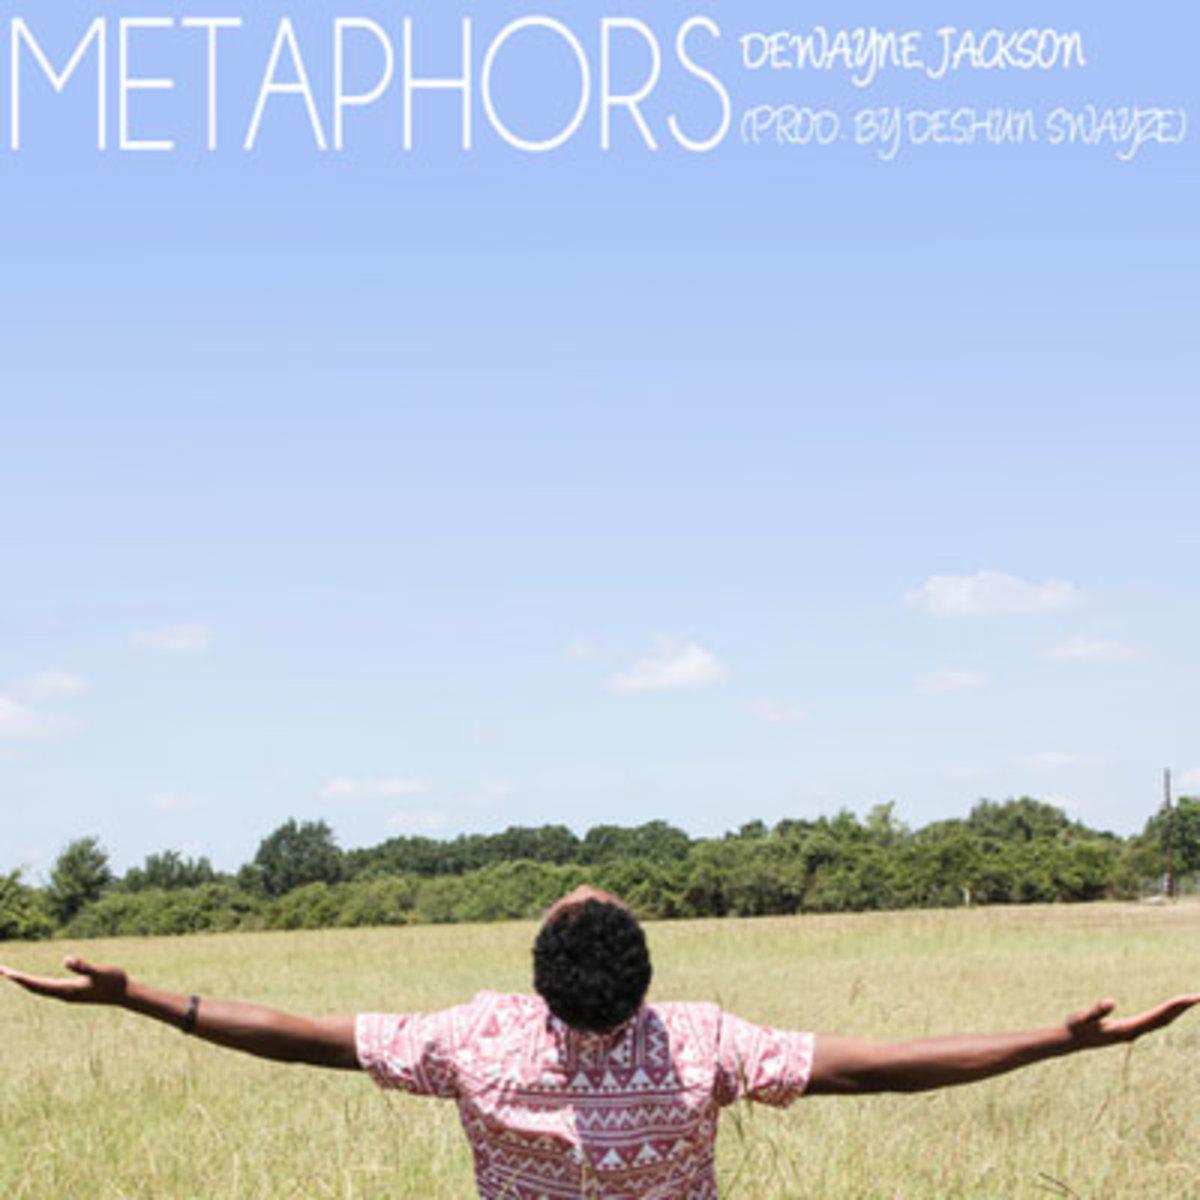 dewaynejackson-metaphors.jpg